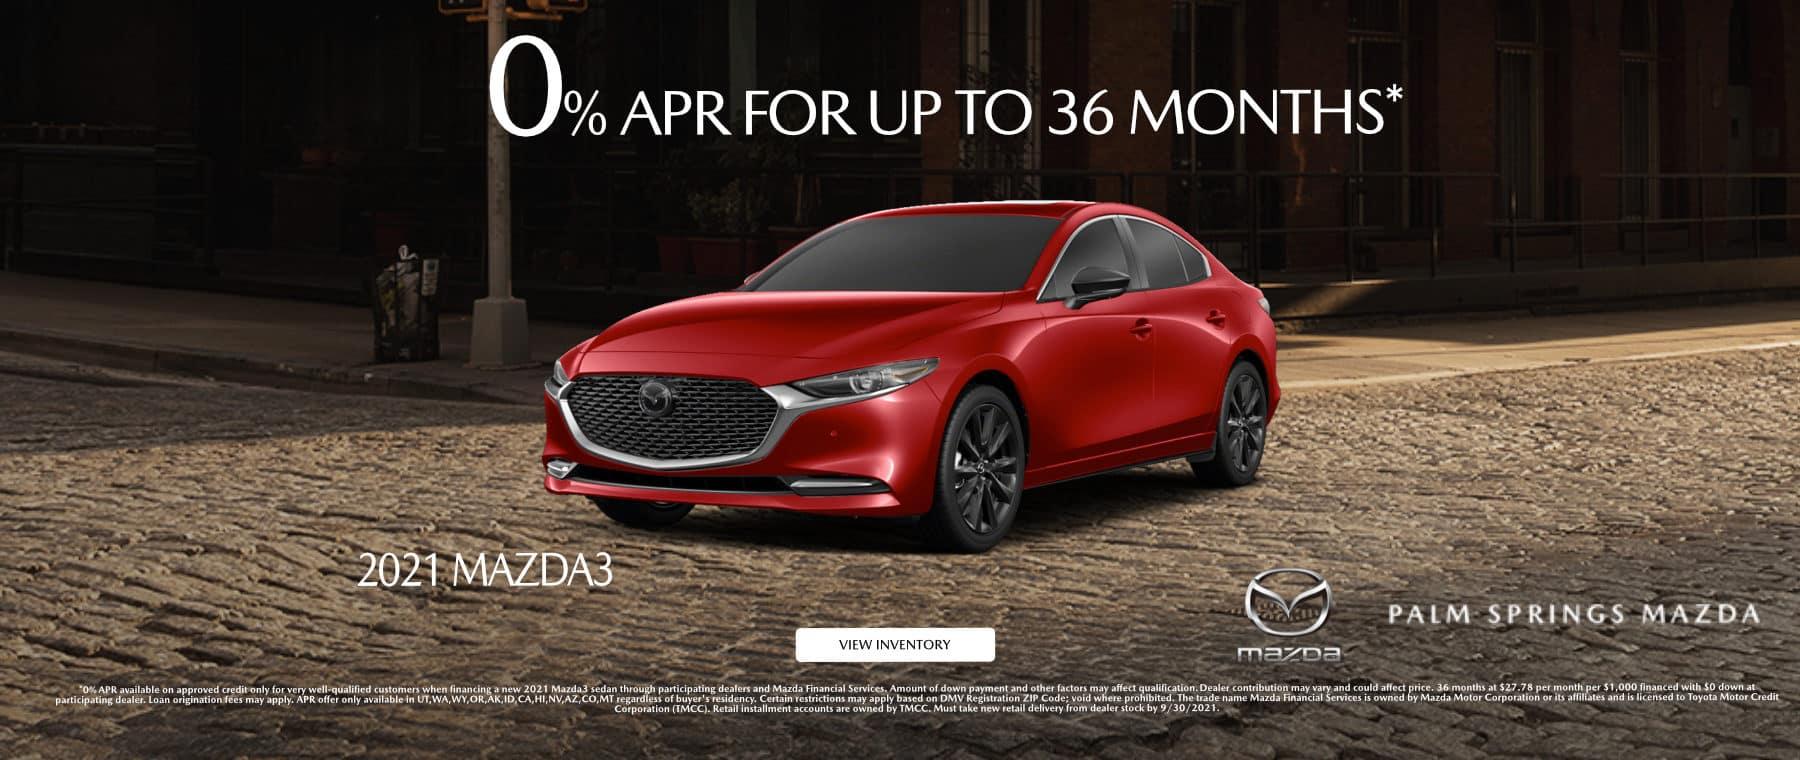 SP_2021 Mazda3 PSM